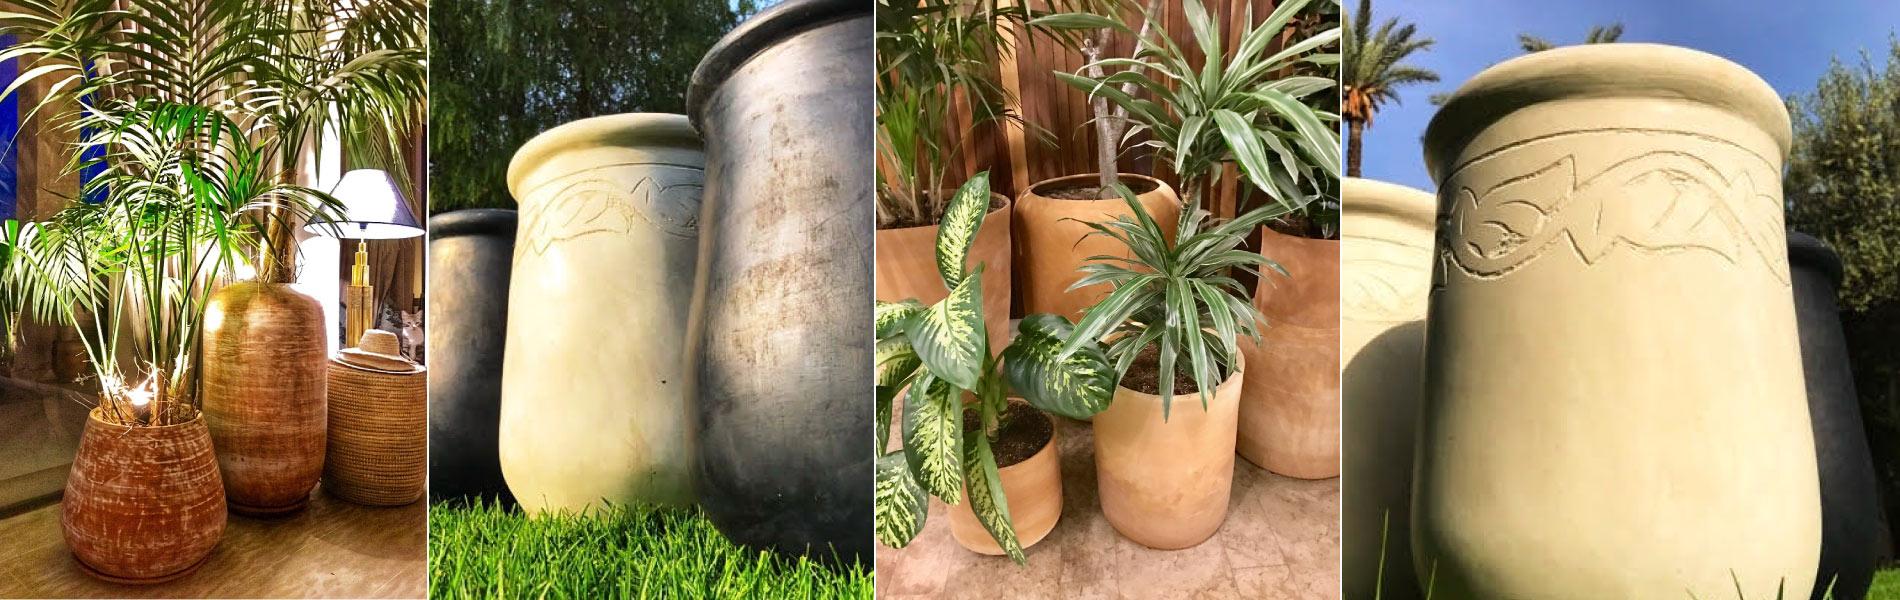 Dandy Beldi Grands Pots Et Vases De Jardin En Terre Cuite